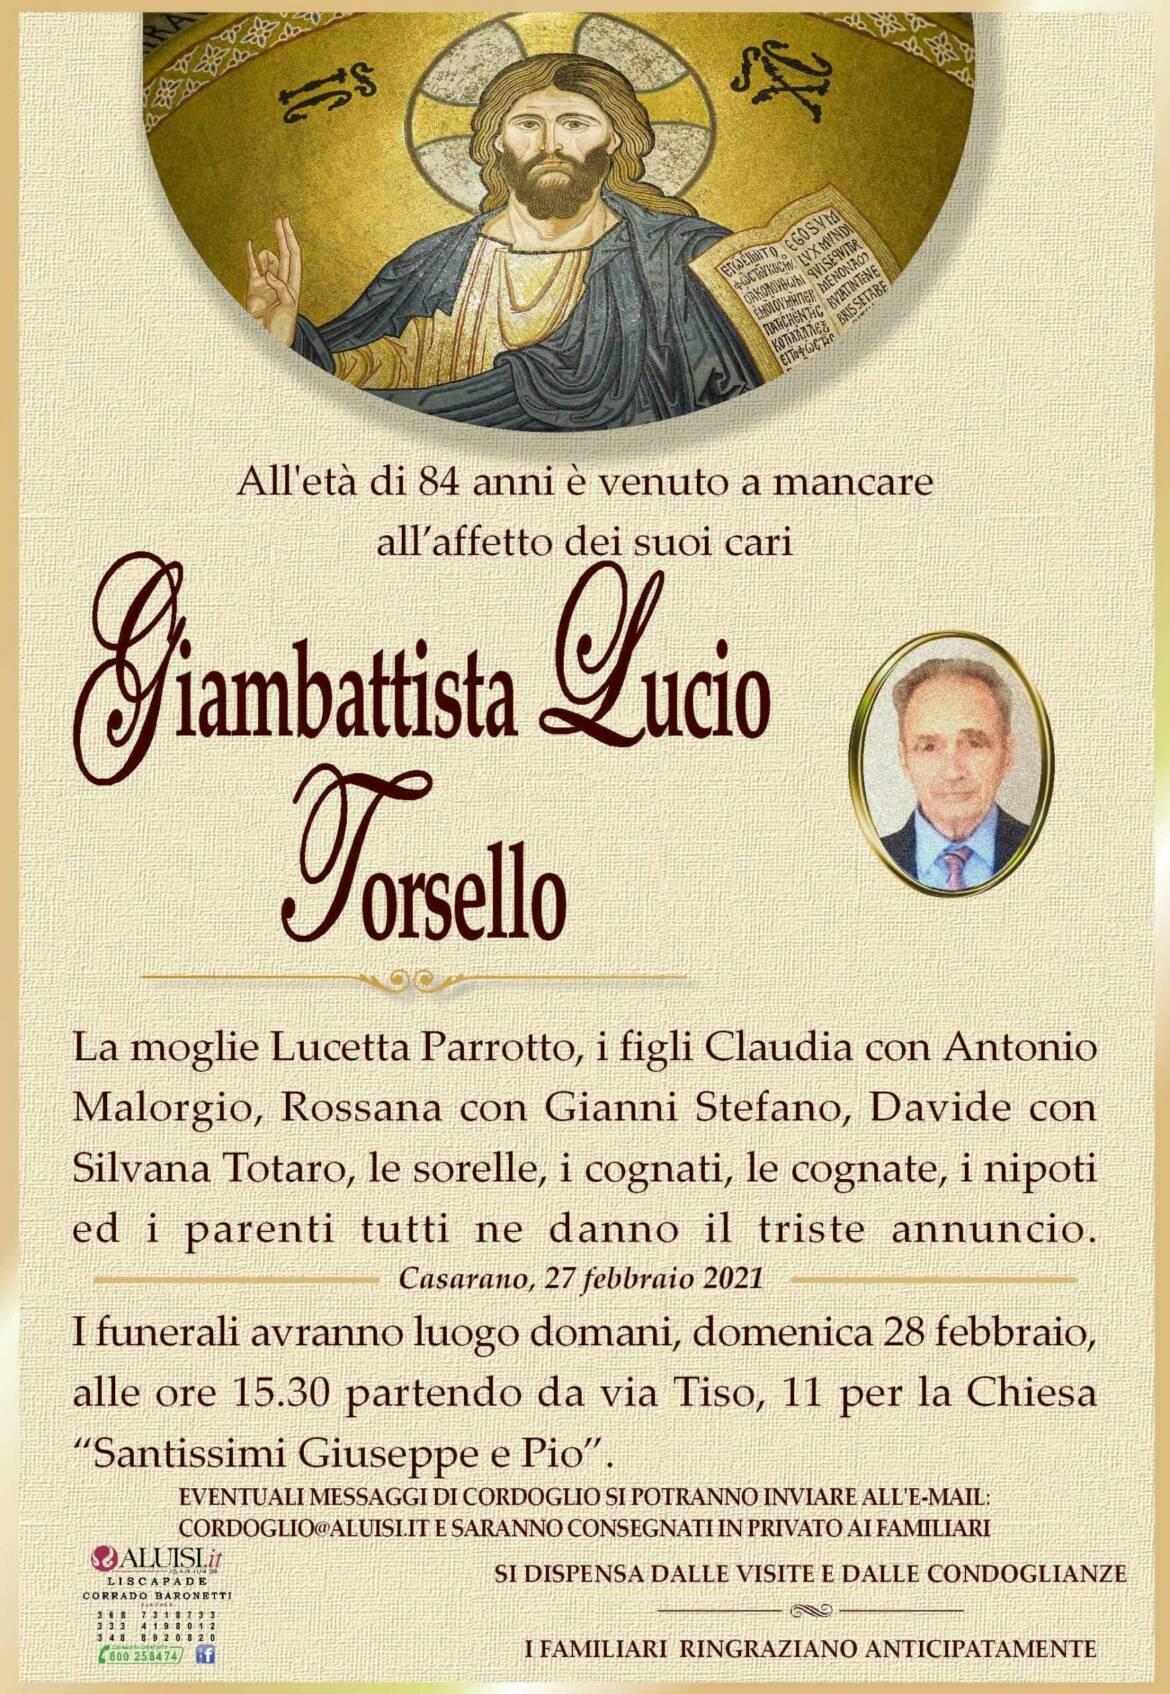 annuncio-GIAMBATTISTA-LUCIO-TORSELLO-casarano-scaled.jpg